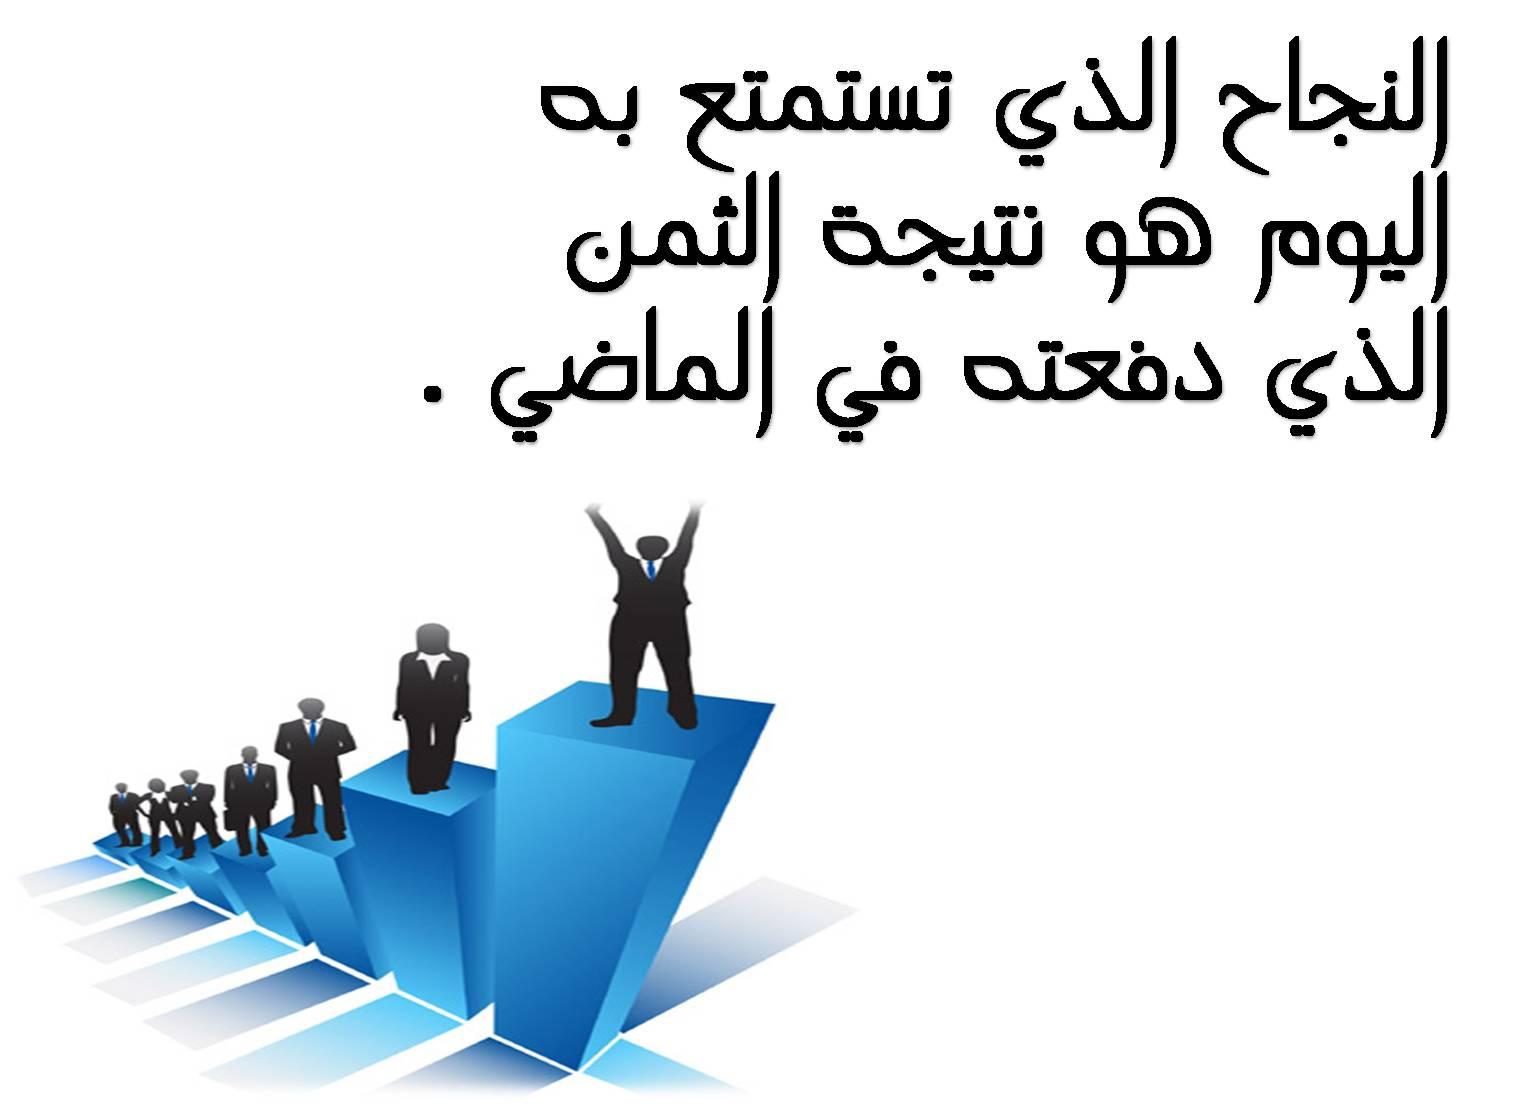 صورة عبارات نجاح قصيره , اجمل العبارات القصيرة عن النجاح